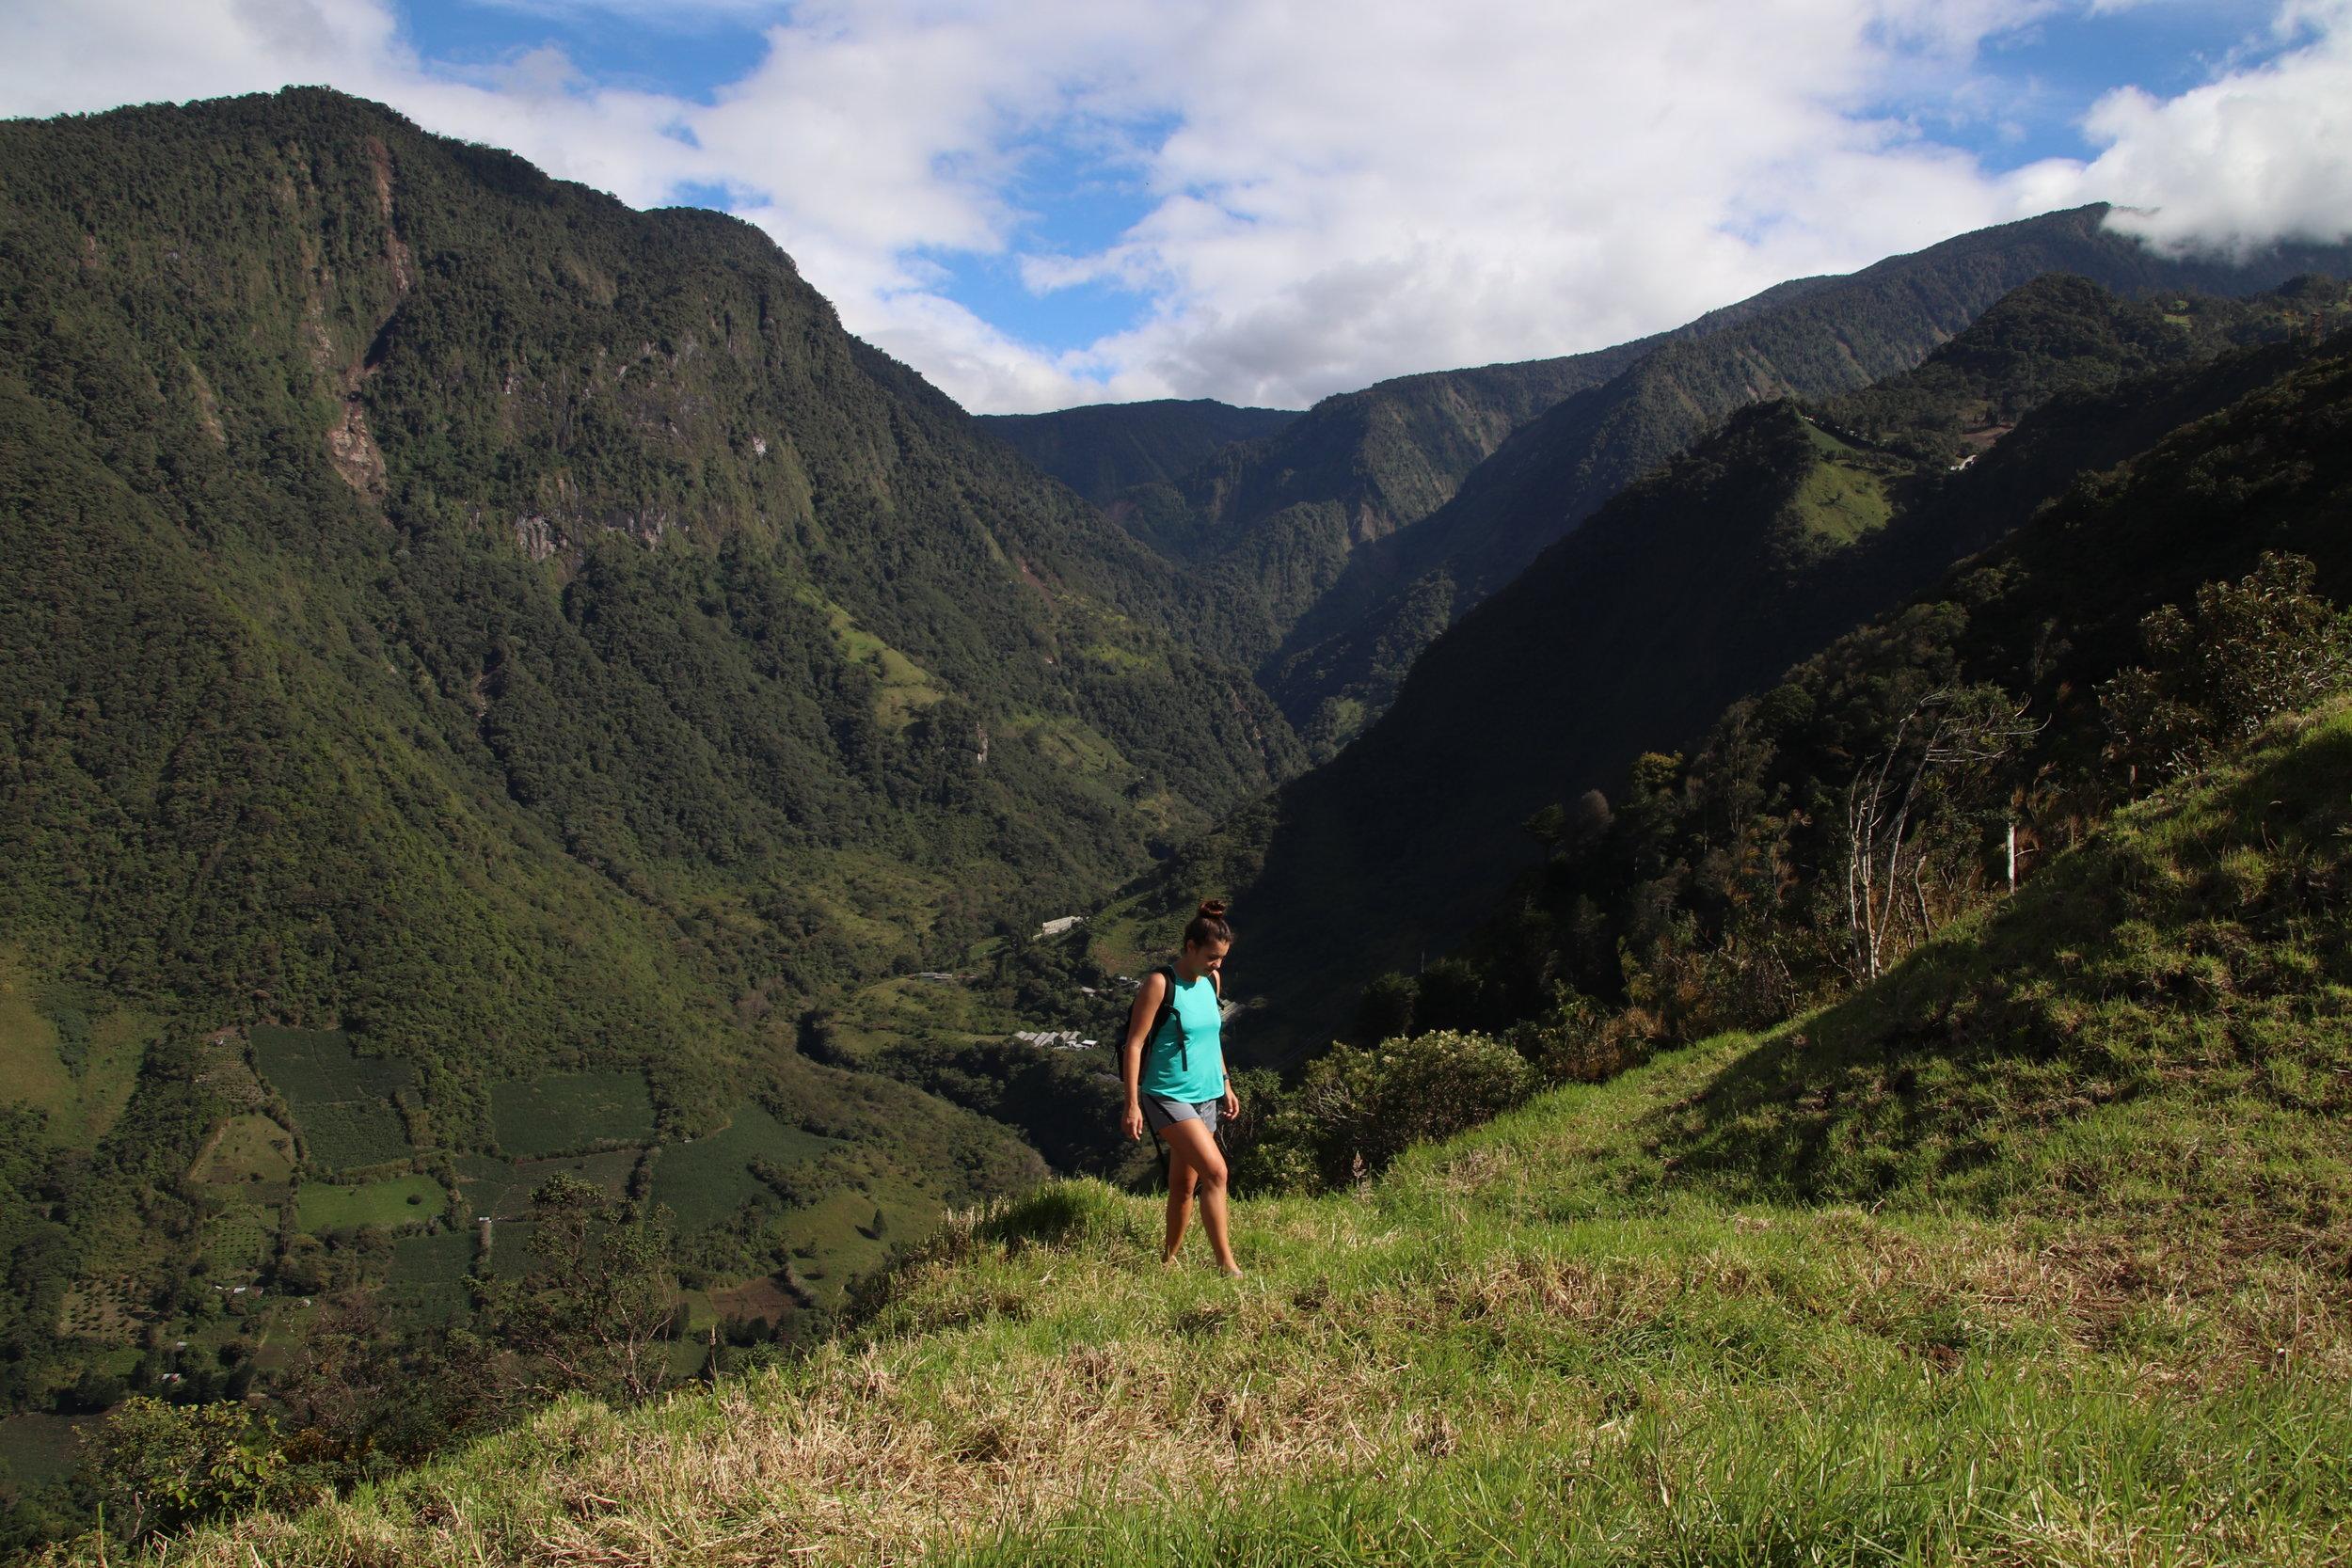 banos swing hike ecuador South America